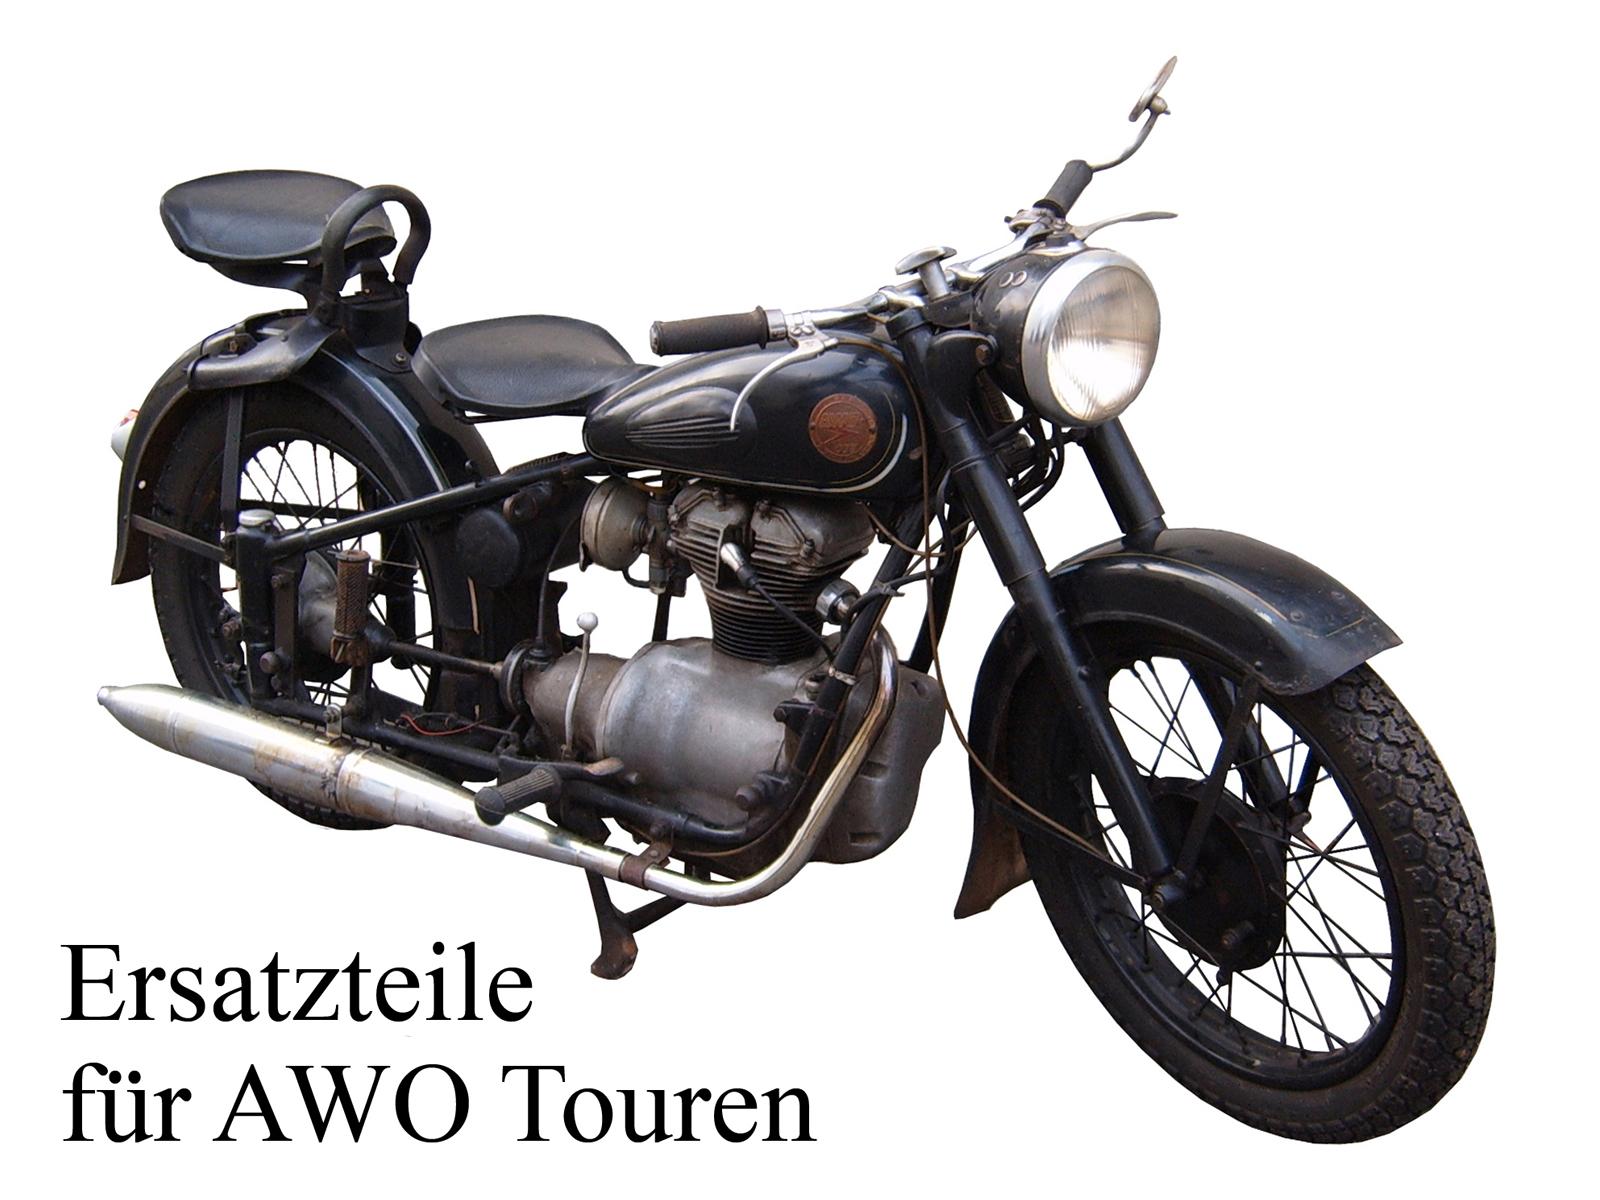 Ersatzteile kaufen für das DDR-Motorrad AWO Touren